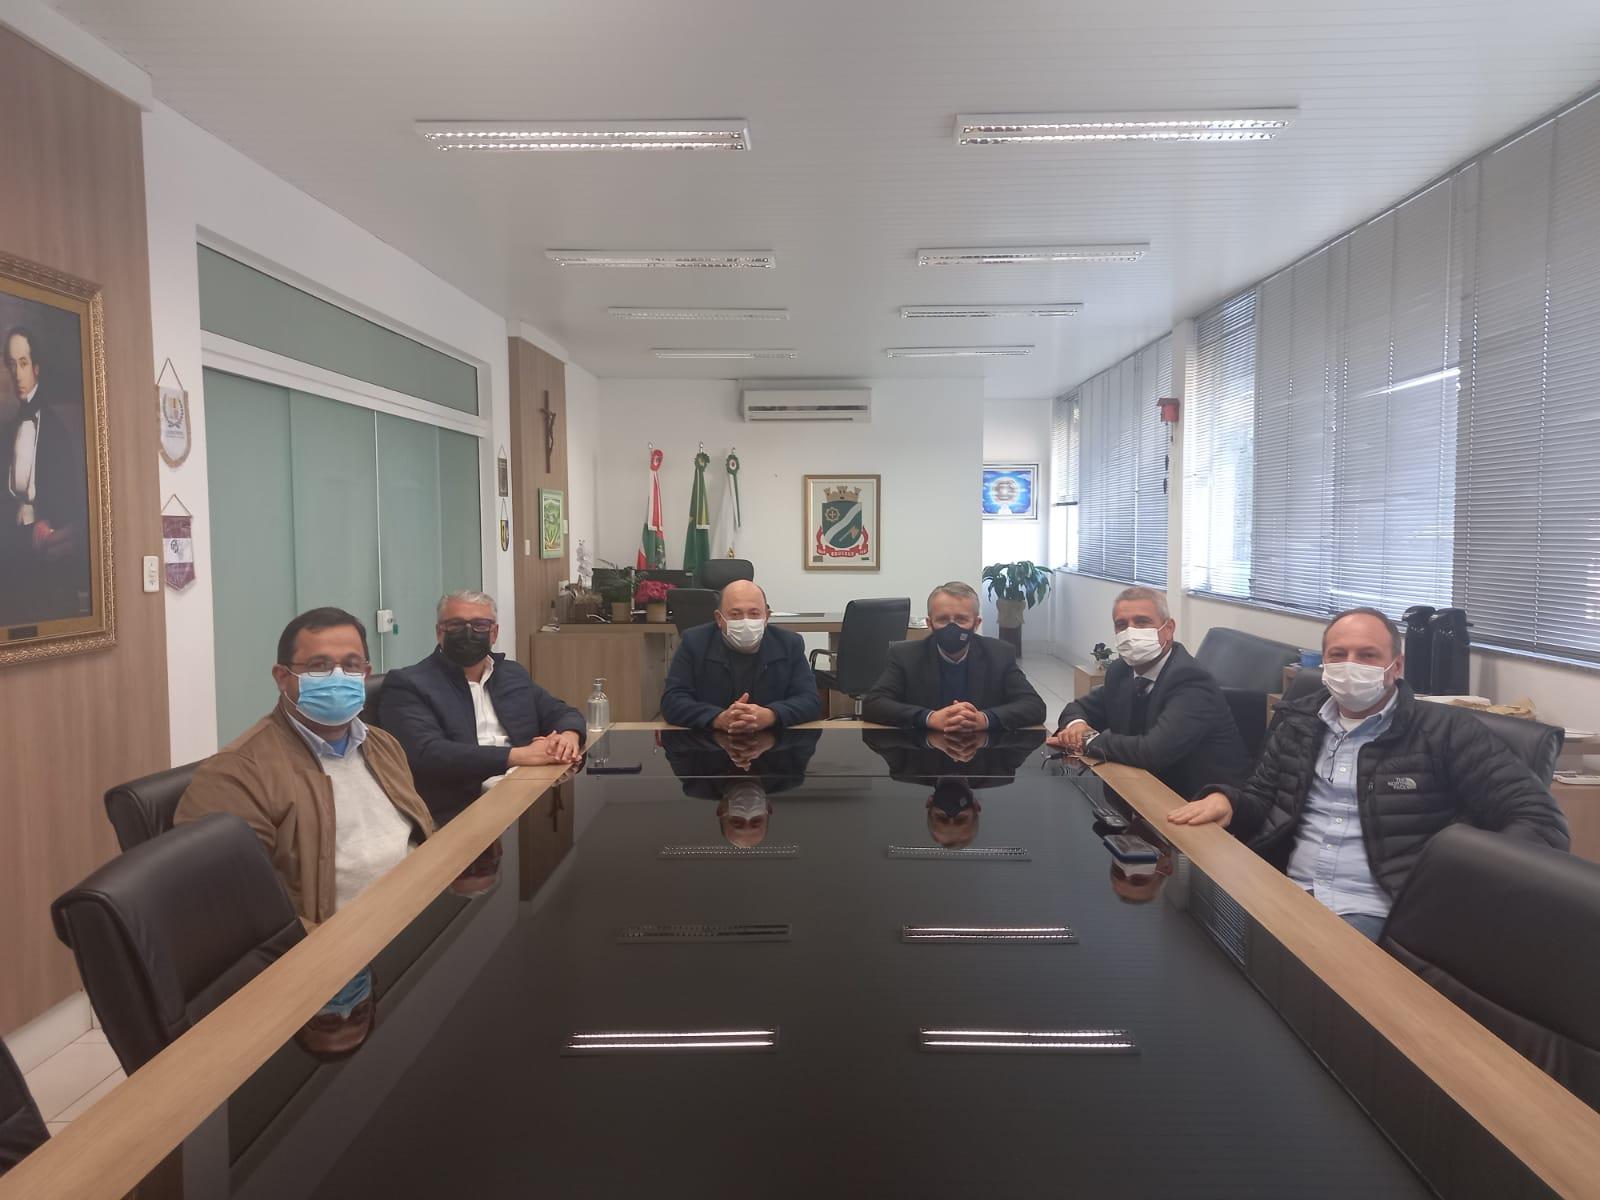 Ari Vequi recebe a visita do Prefeito de Blumenau